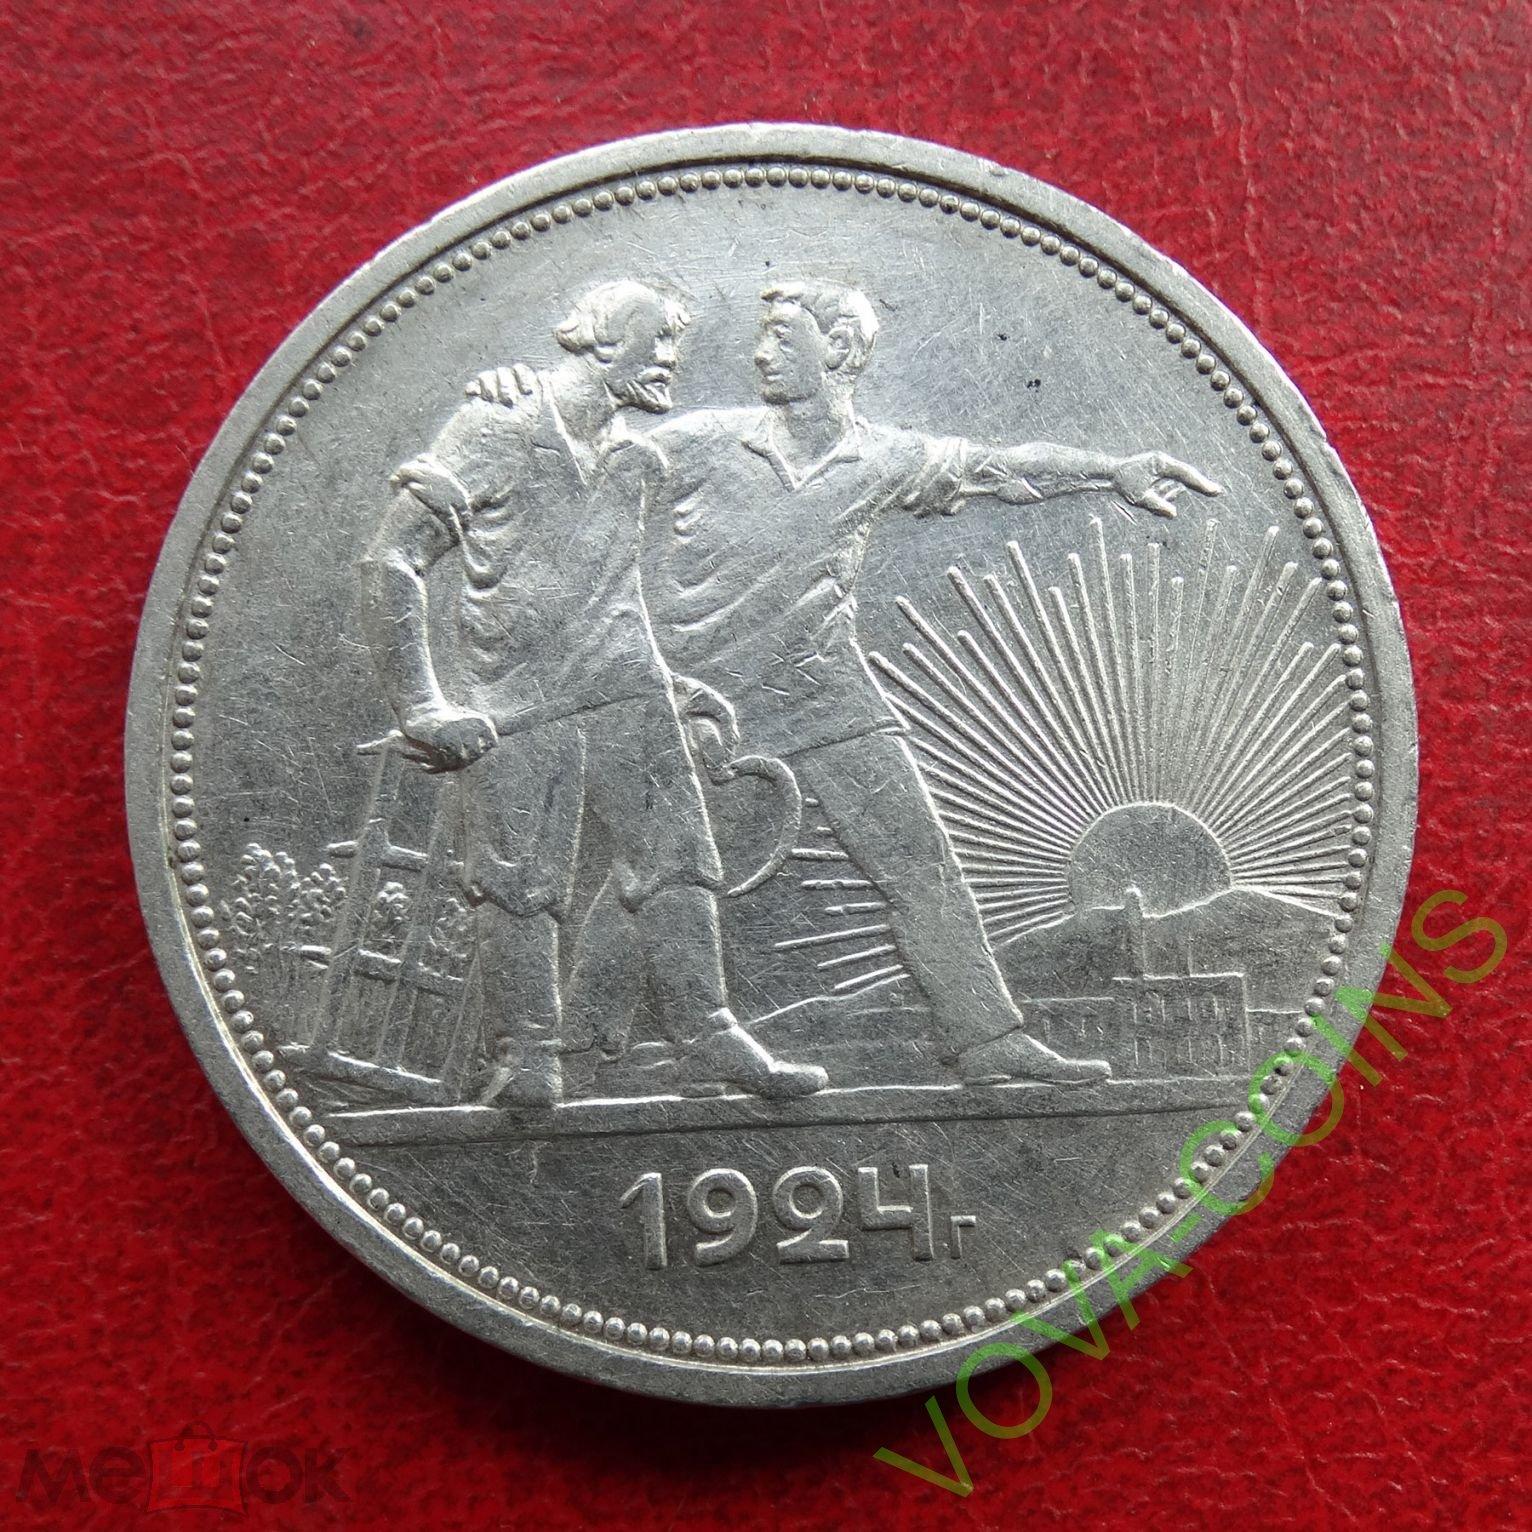 1 РУБЛЬ 1924 г.,ОТЛИЧНЫЙ СОХРАН, ШТЕМПЕЛЬНЫЙ БЛЕСК_1